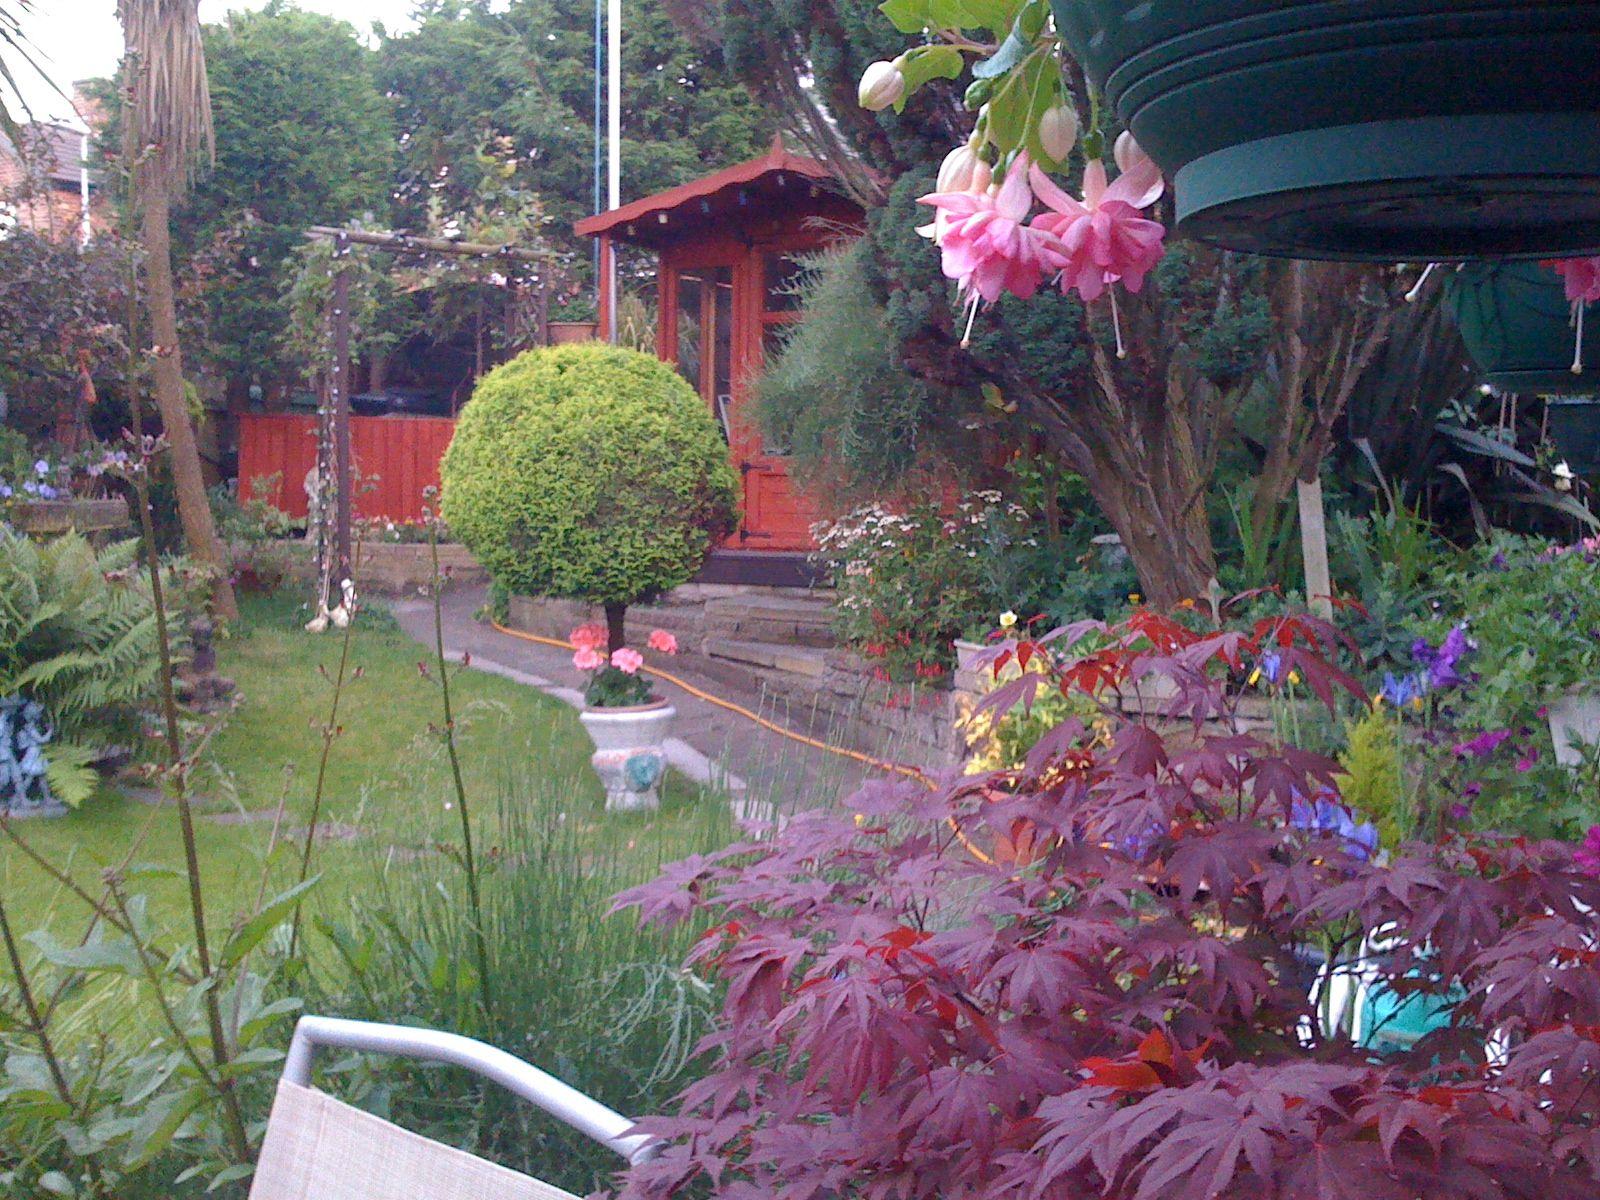 My Aunt's beautiful garden in England